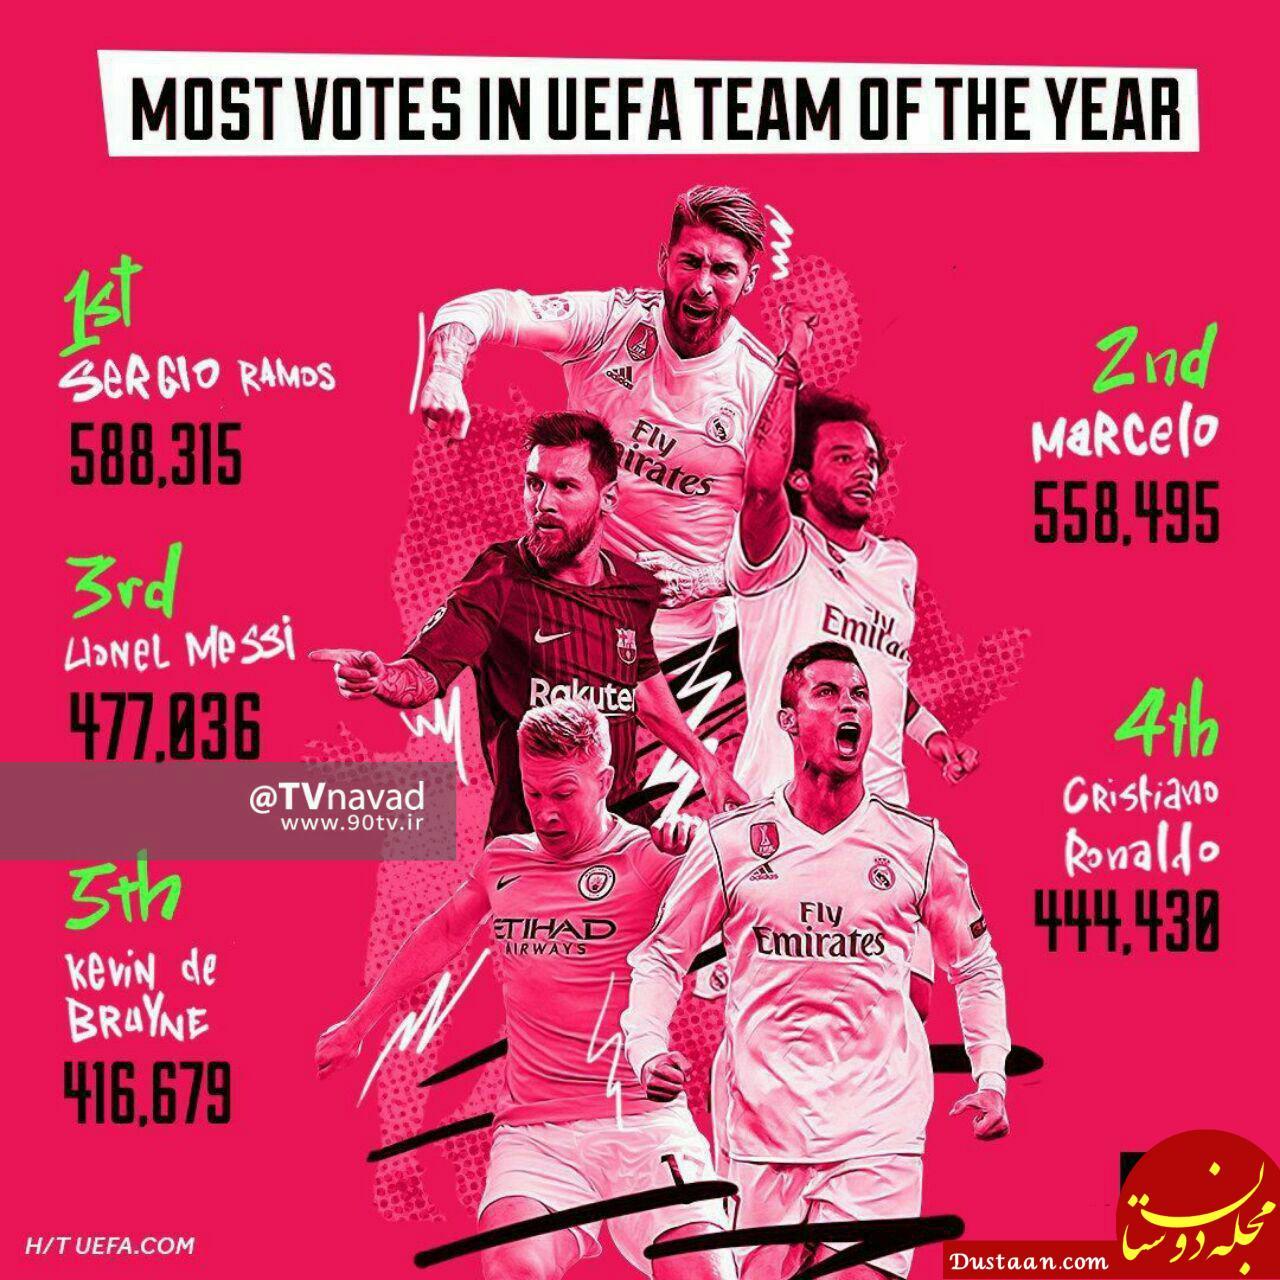 www.dustaan.com بازیکنانی که بیشترین رای را در تیم منتخب اروپا کسب کرده اند